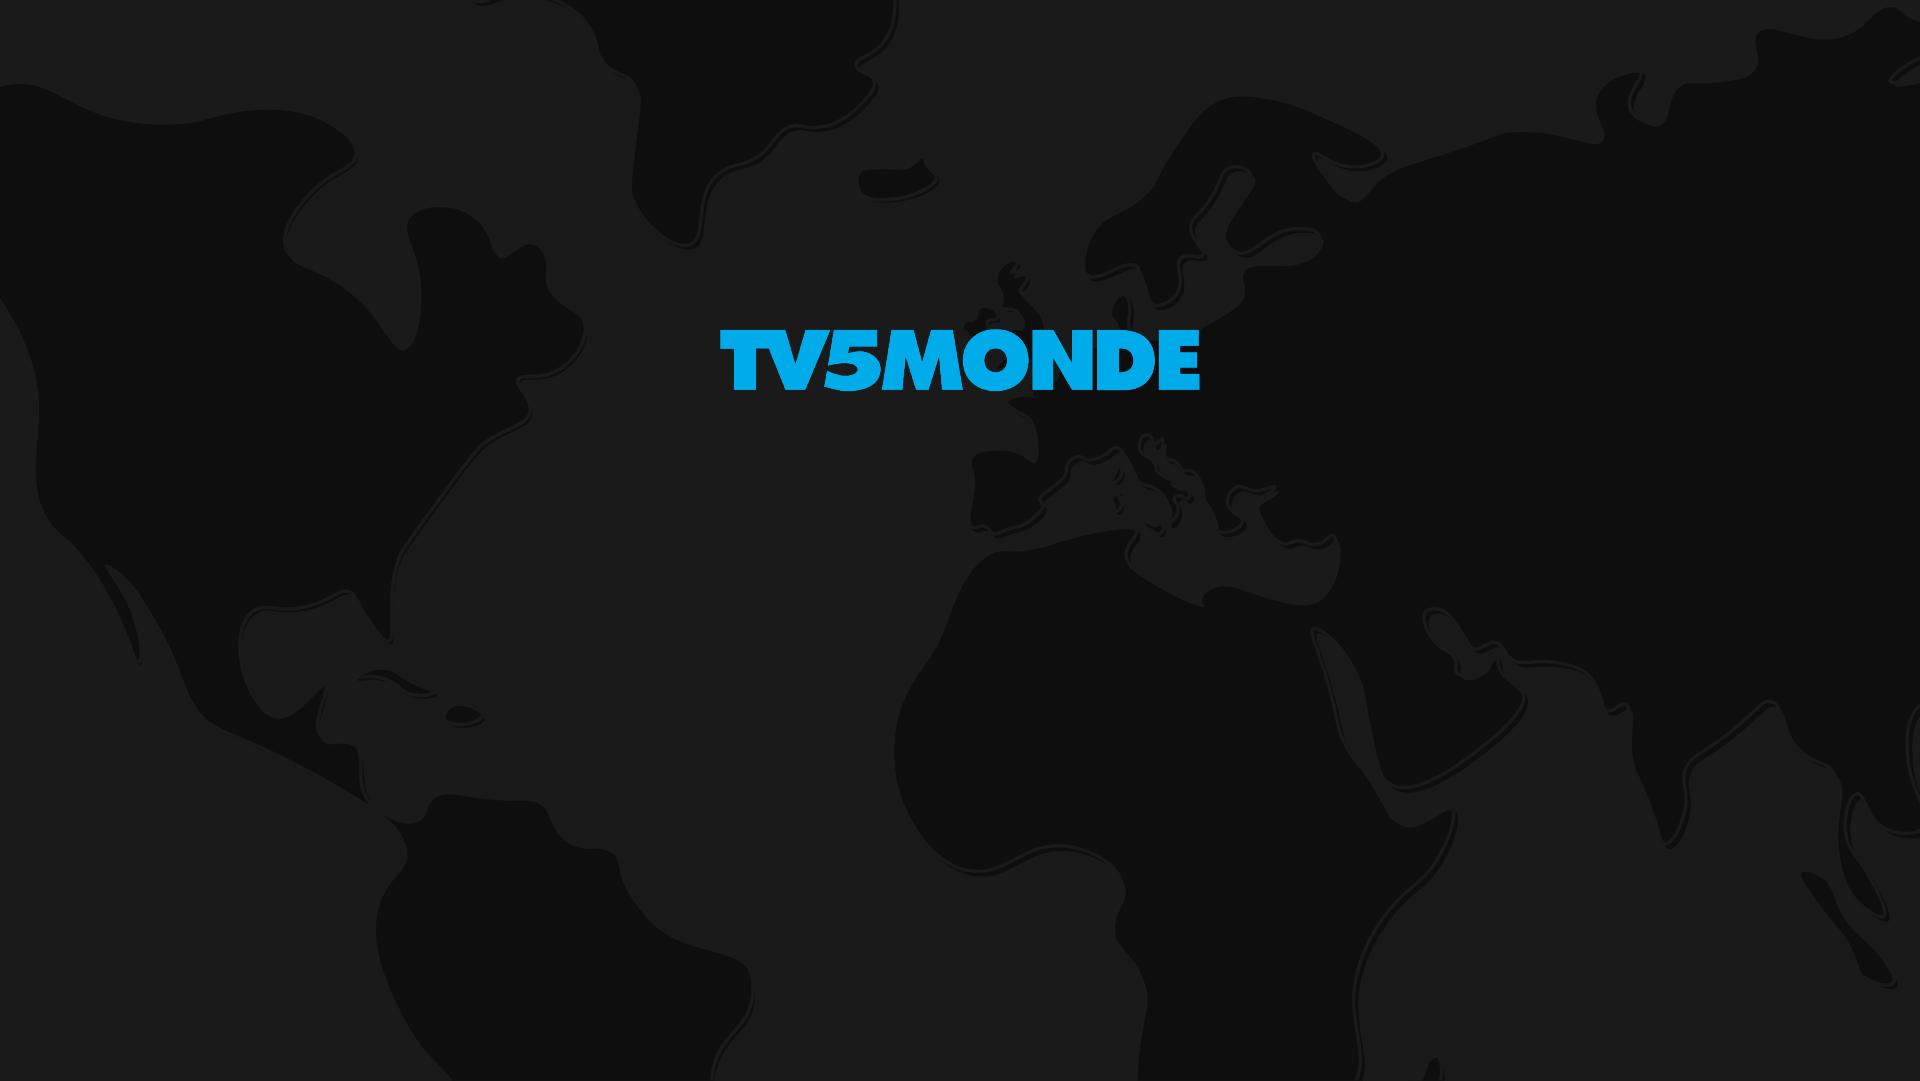 TV5MONDE_News_1920x1080